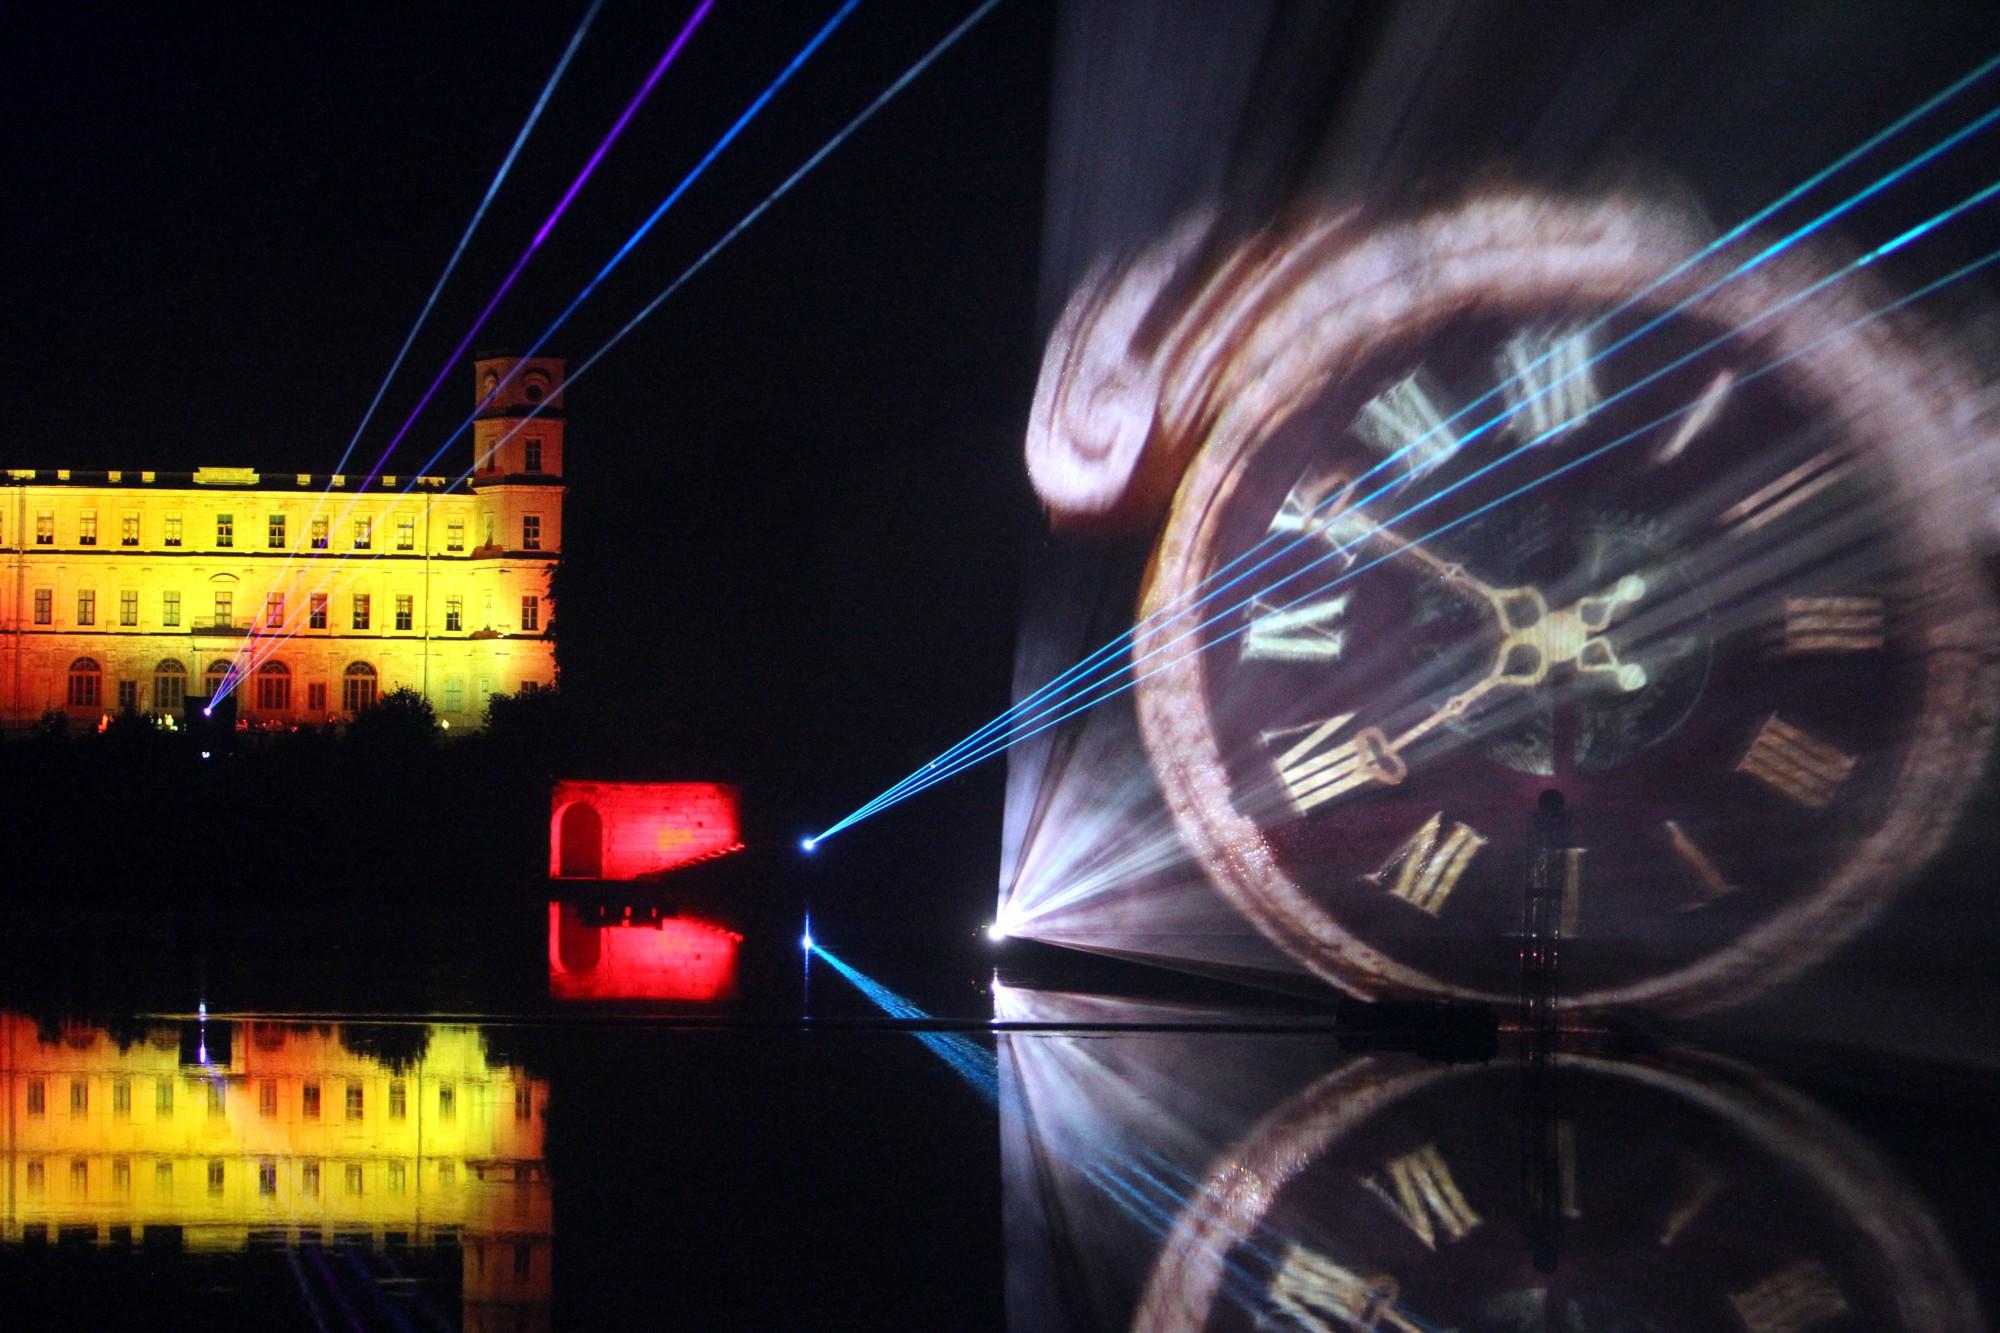 """Фестиваль """"Ночь света"""" в Гатчине. фото: Илья Снопченко / ИА """"Диалог"""""""